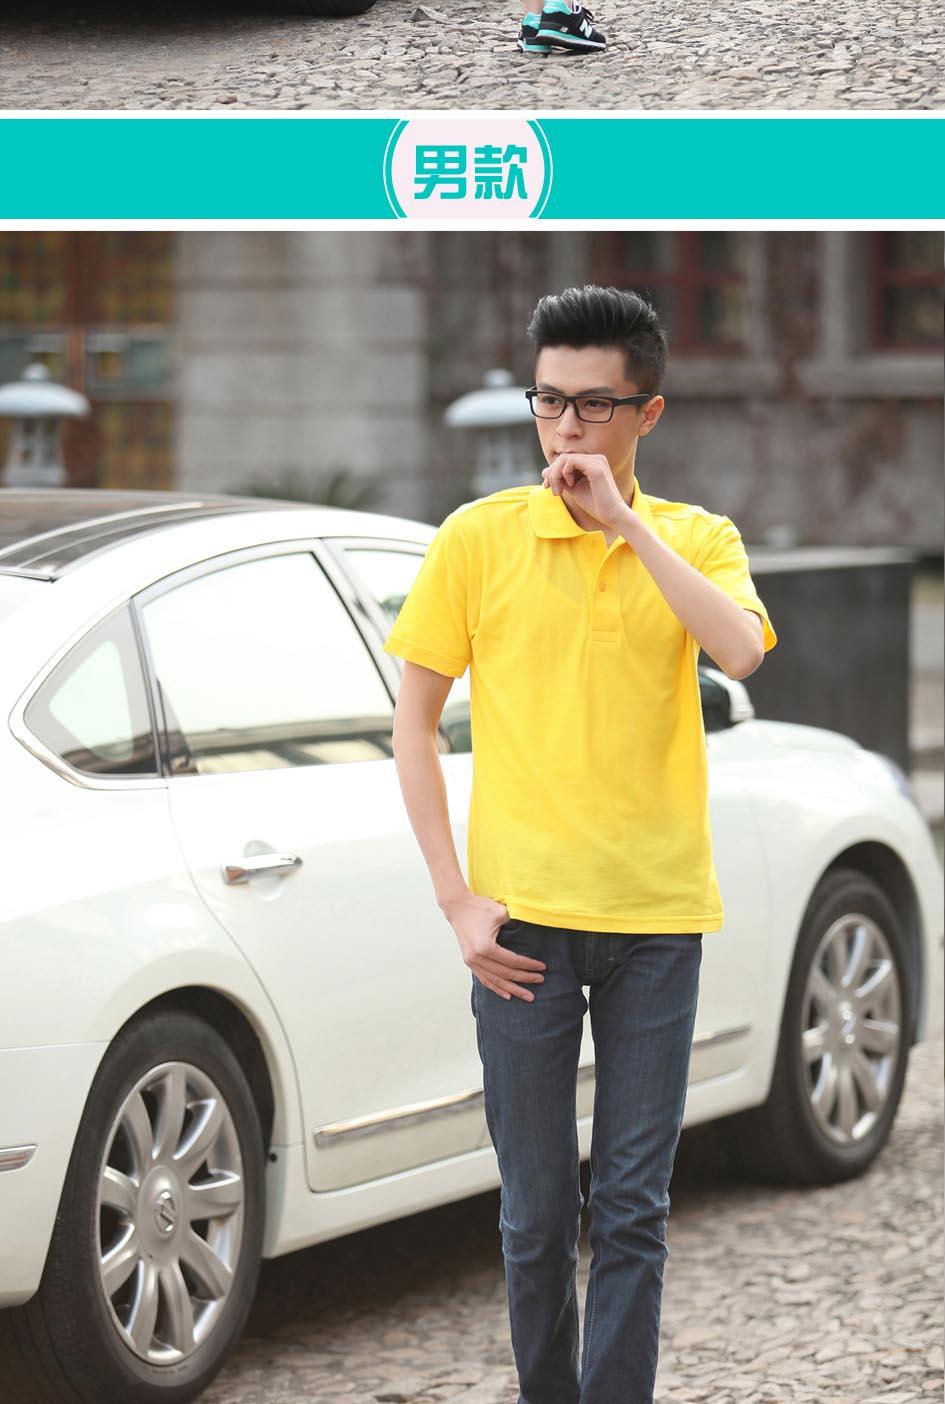 万博max手机版备用T恤女款展示